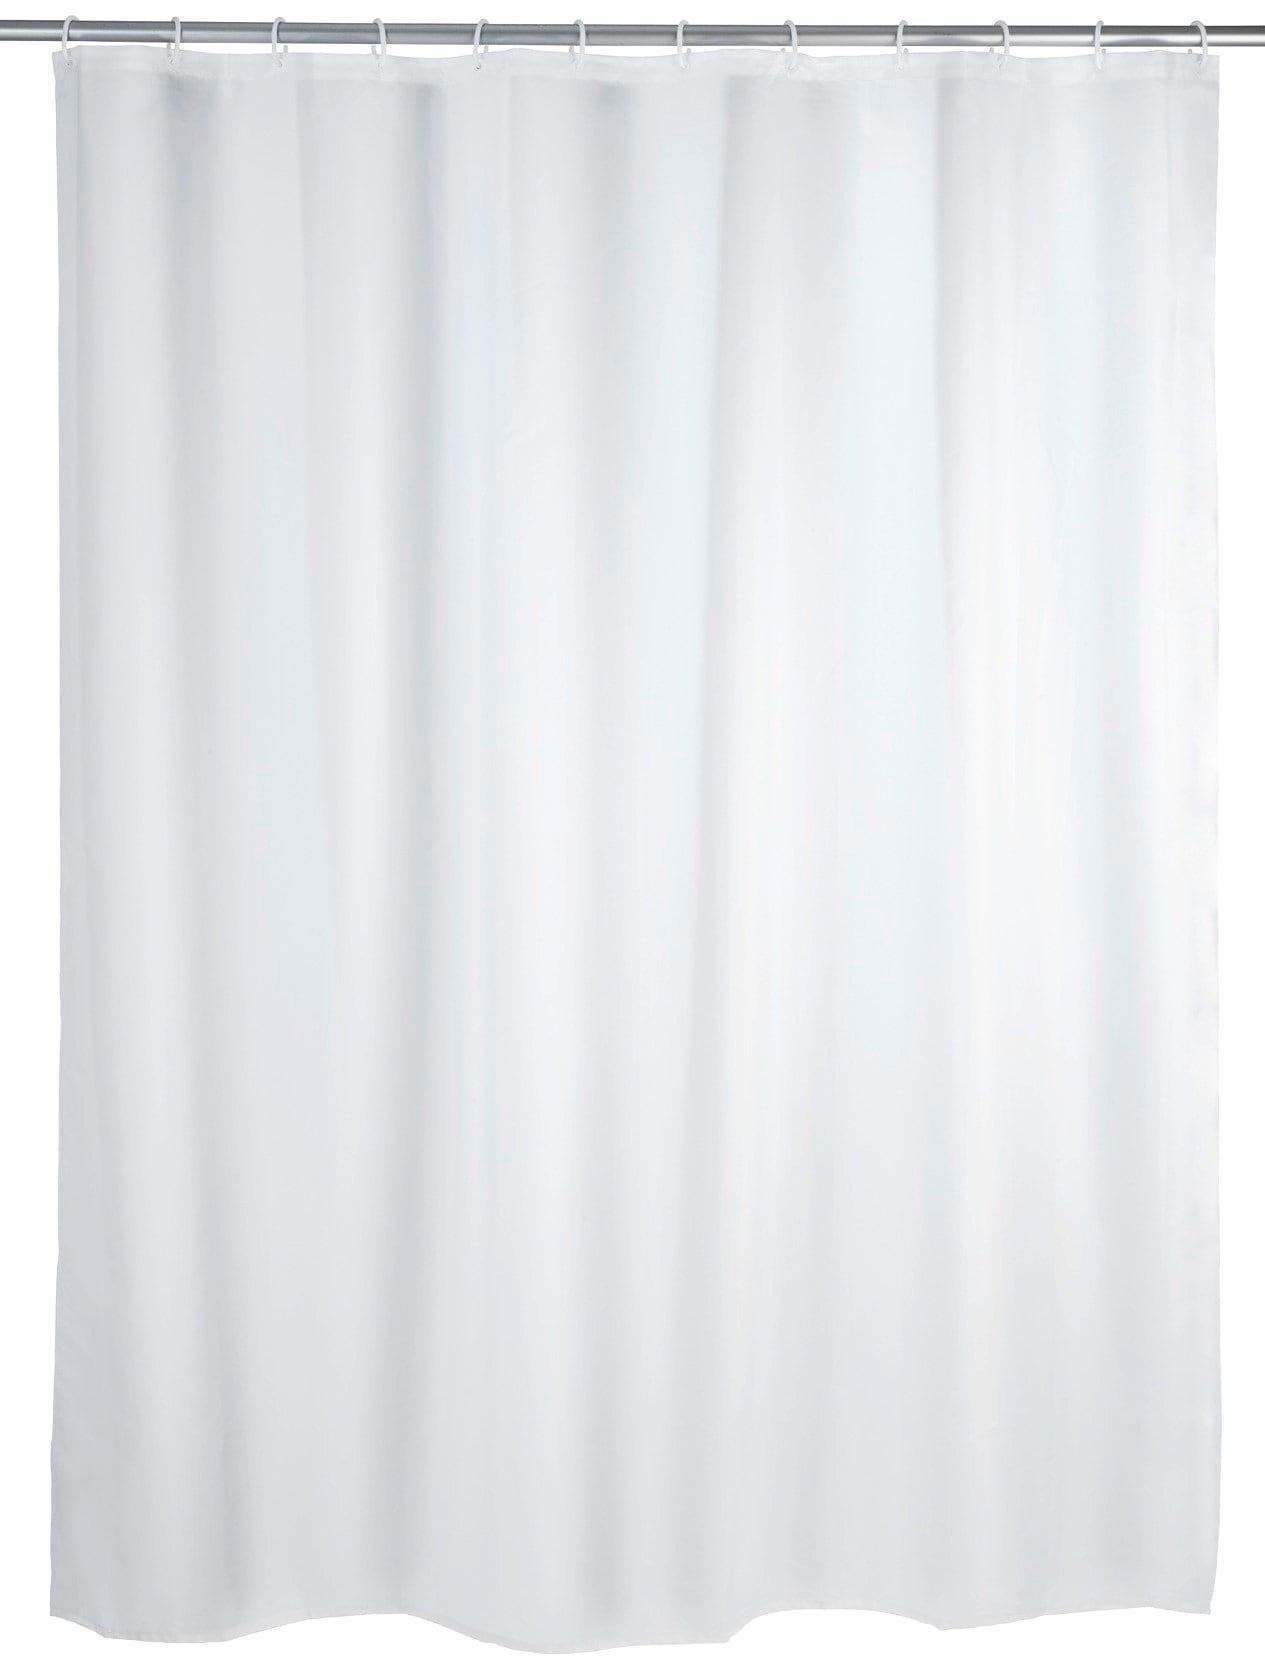 WENKO Duschvorhang Uni, Breite 180 cm, Höhe 200 Textil (Polyester) weiß Duschvorhänge Duschen Bad Sanitär